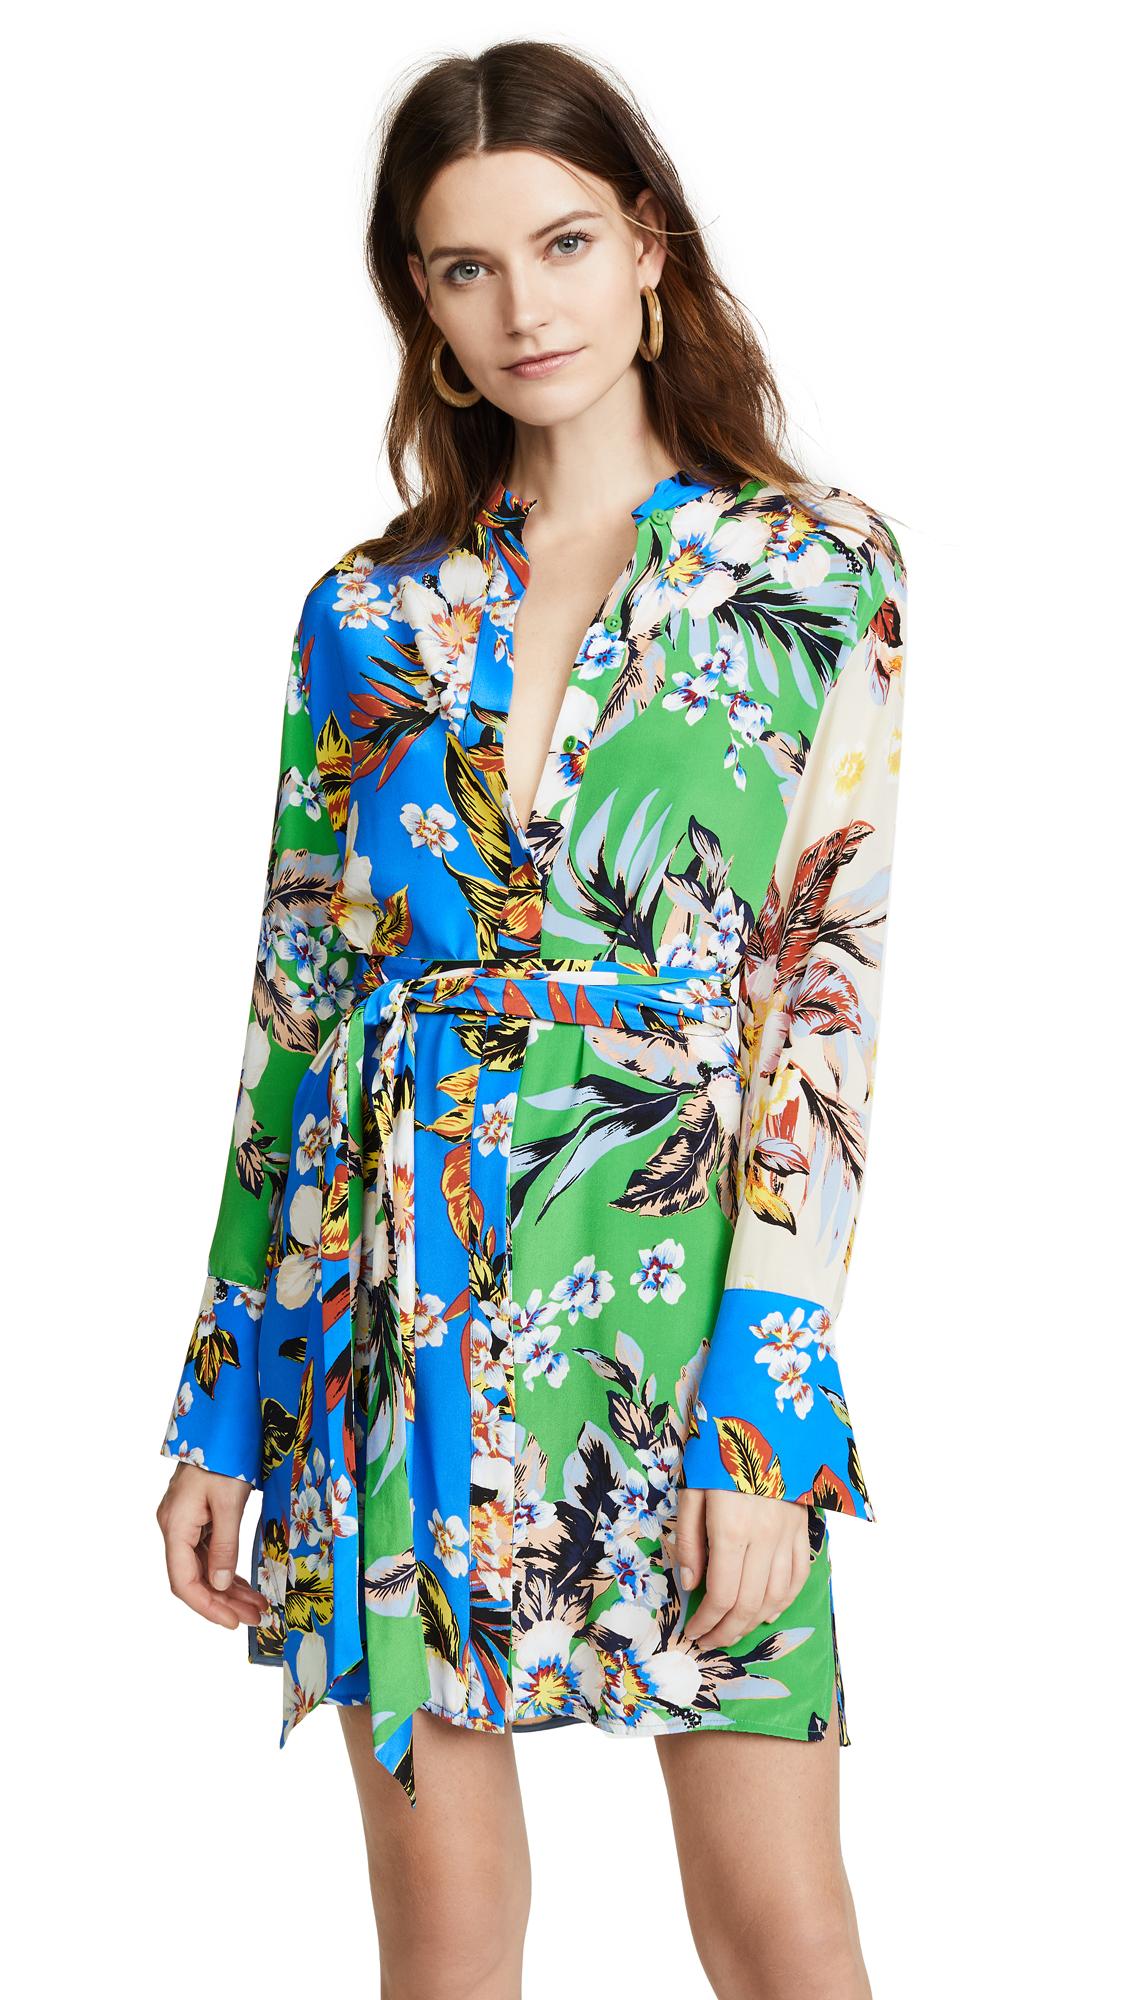 Diane von Furstenberg Floral Shirtdress